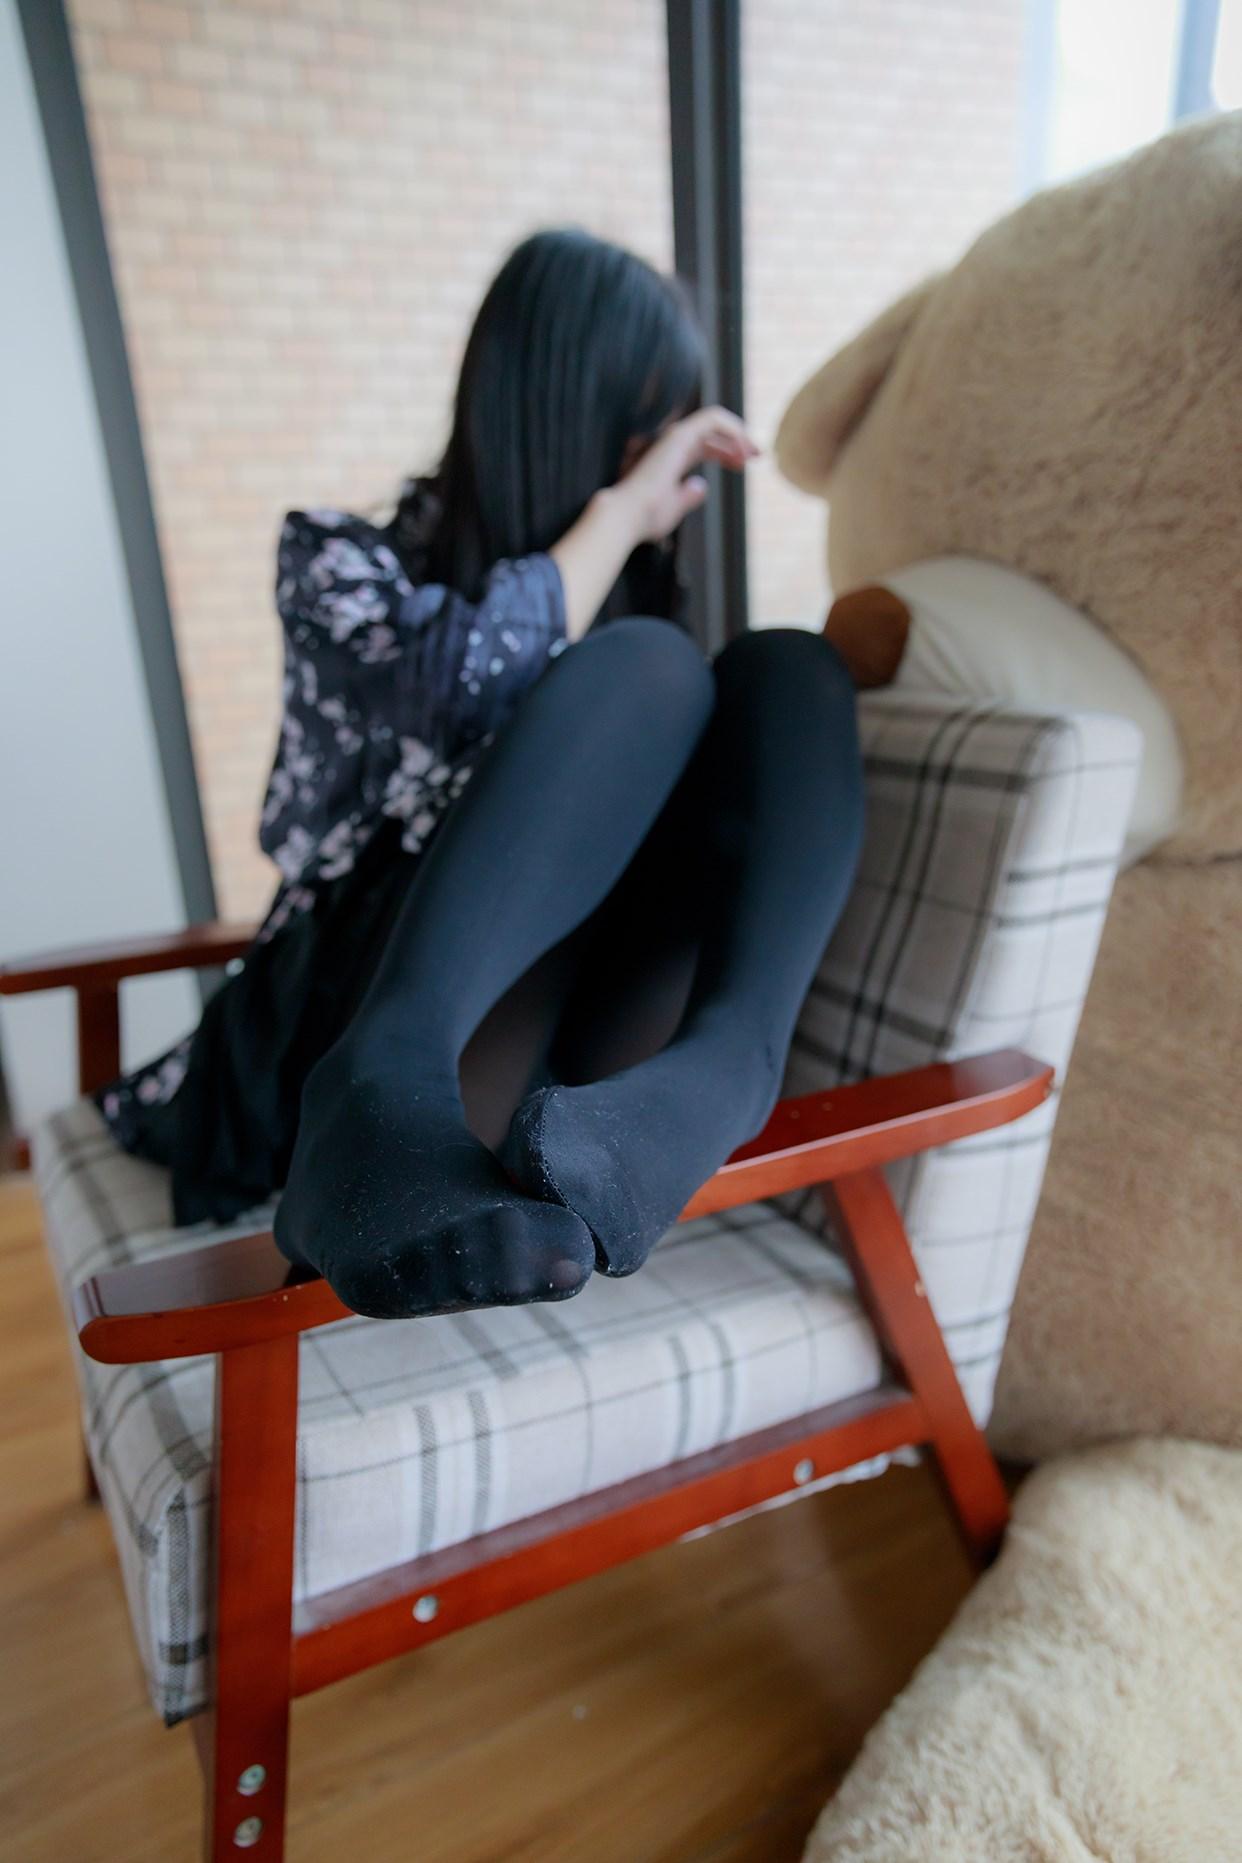 【兔玩映画】椅上的黑丝少女 兔玩映画 第41张